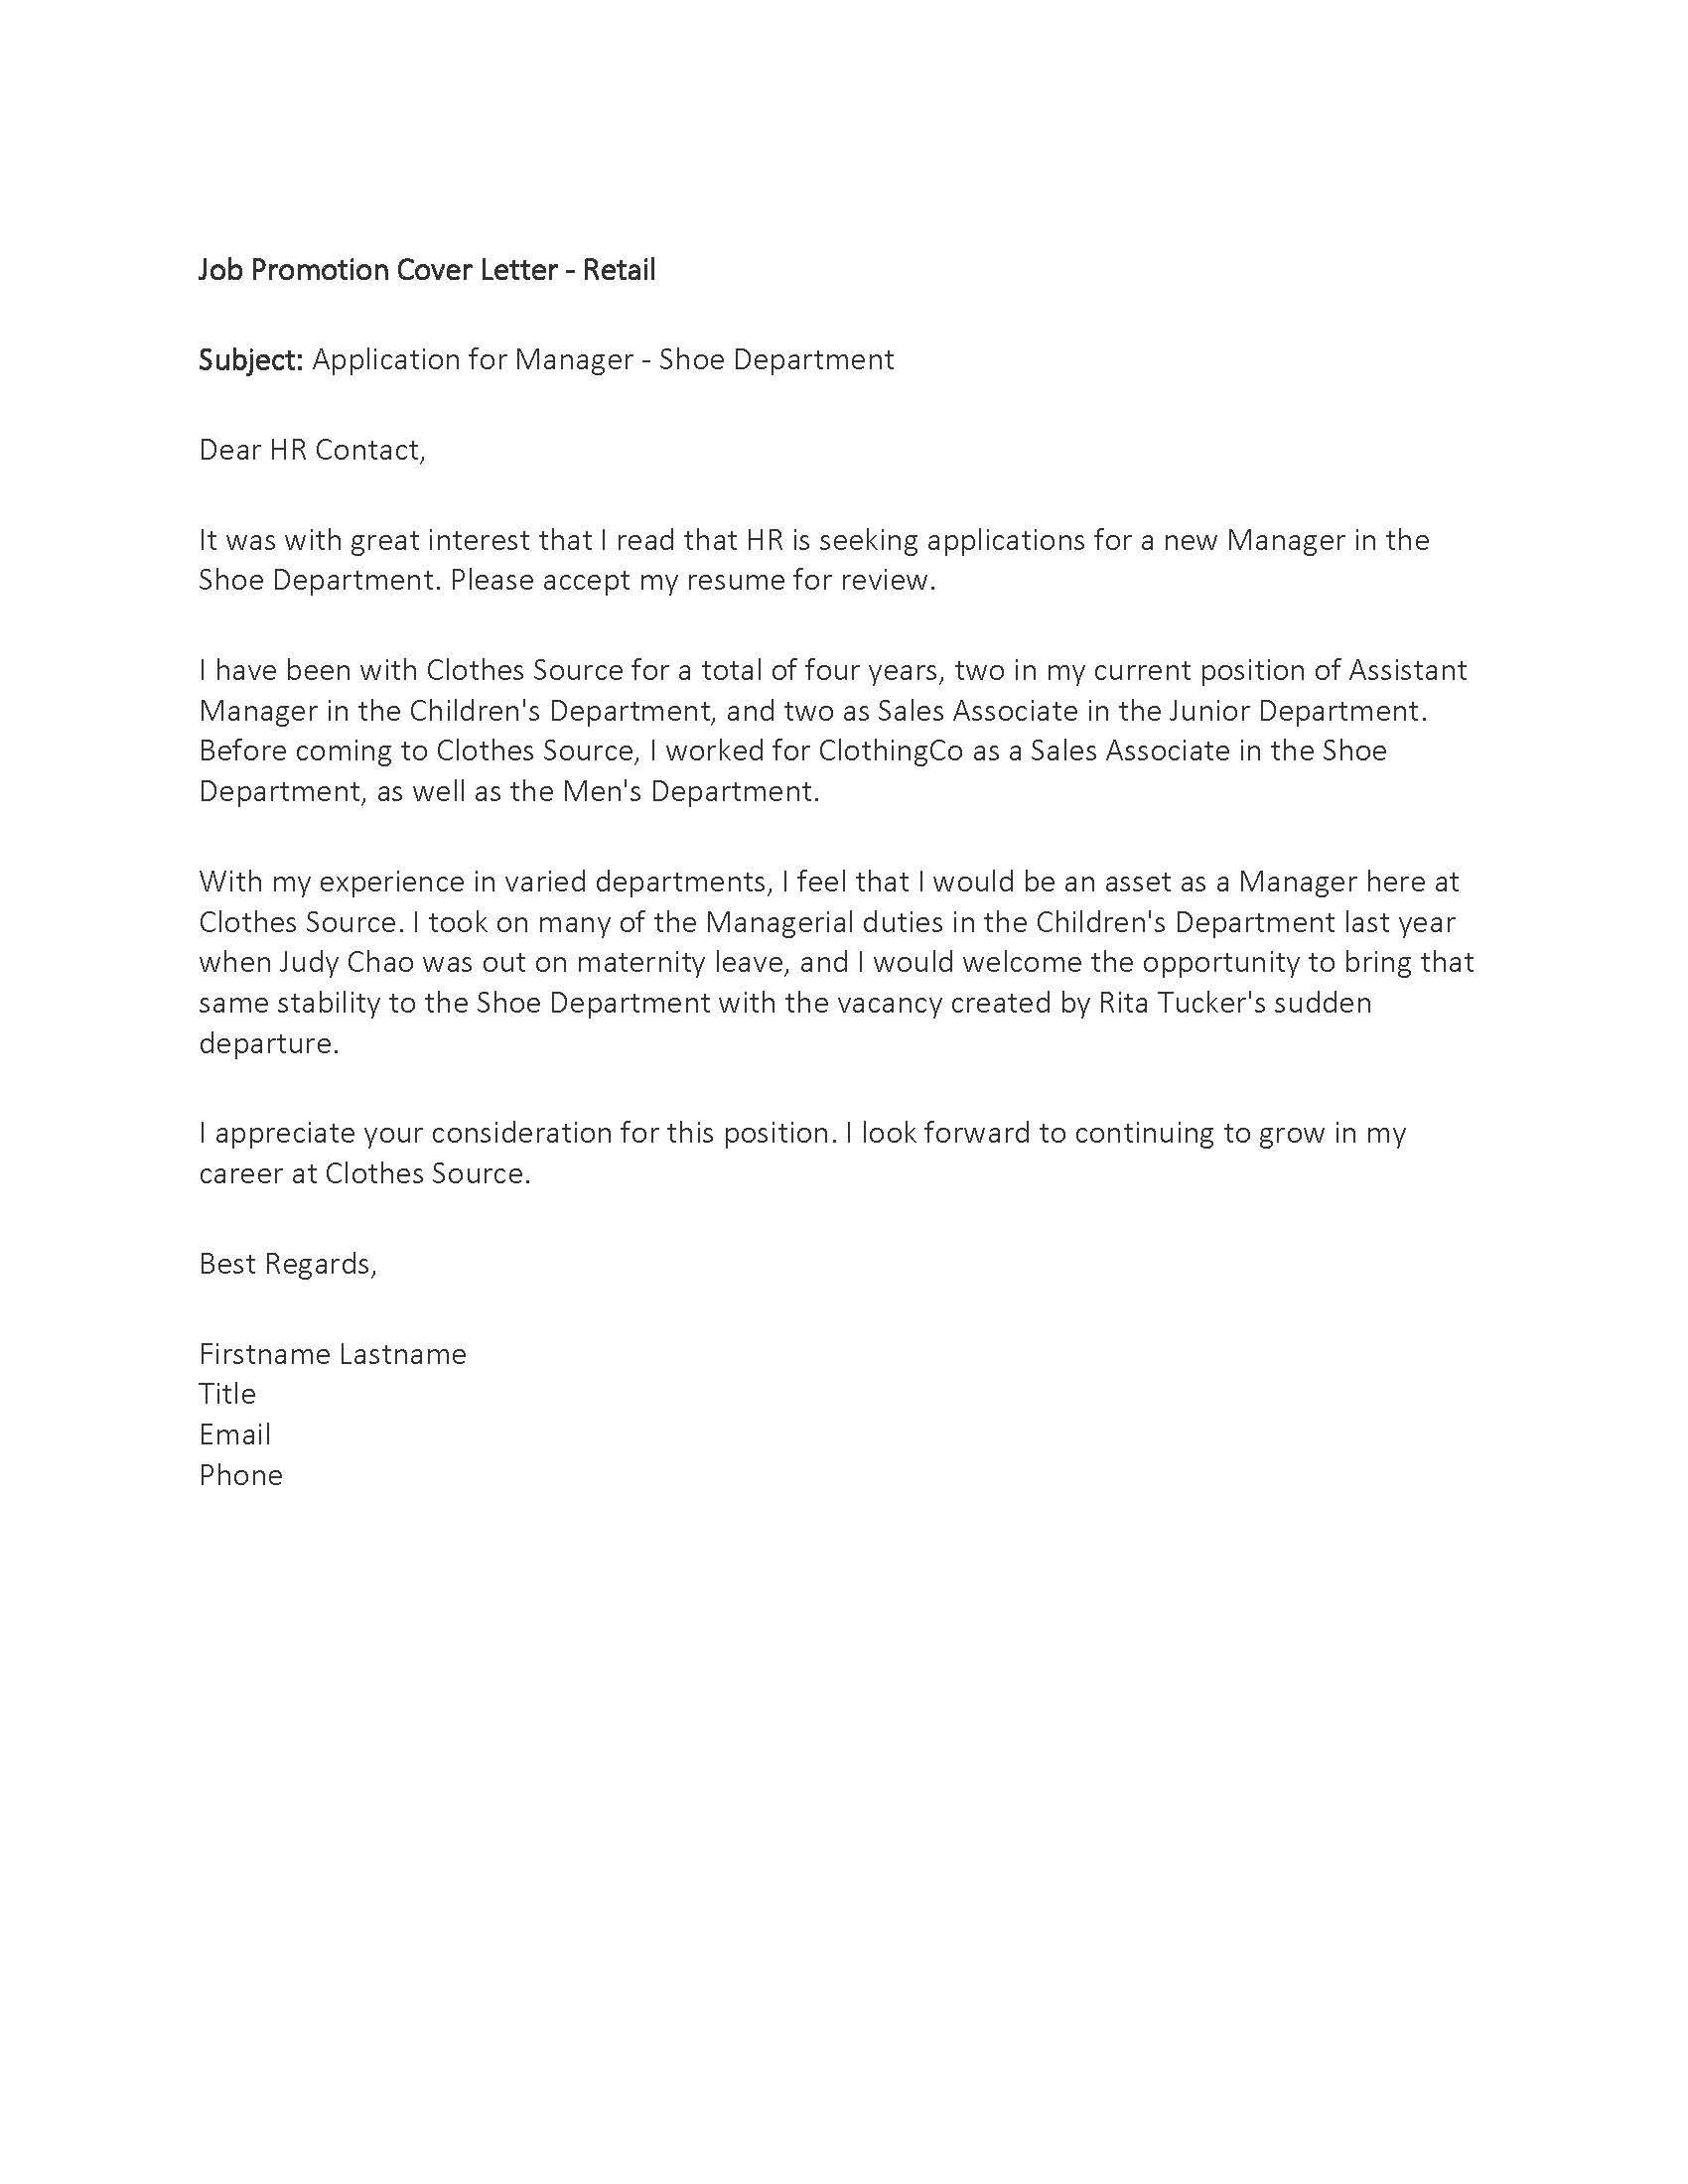 Sample Job Promotion Cover Letter Cover Letter Examples Lettercover Letter  Samples For Jobs Application Letter Sample